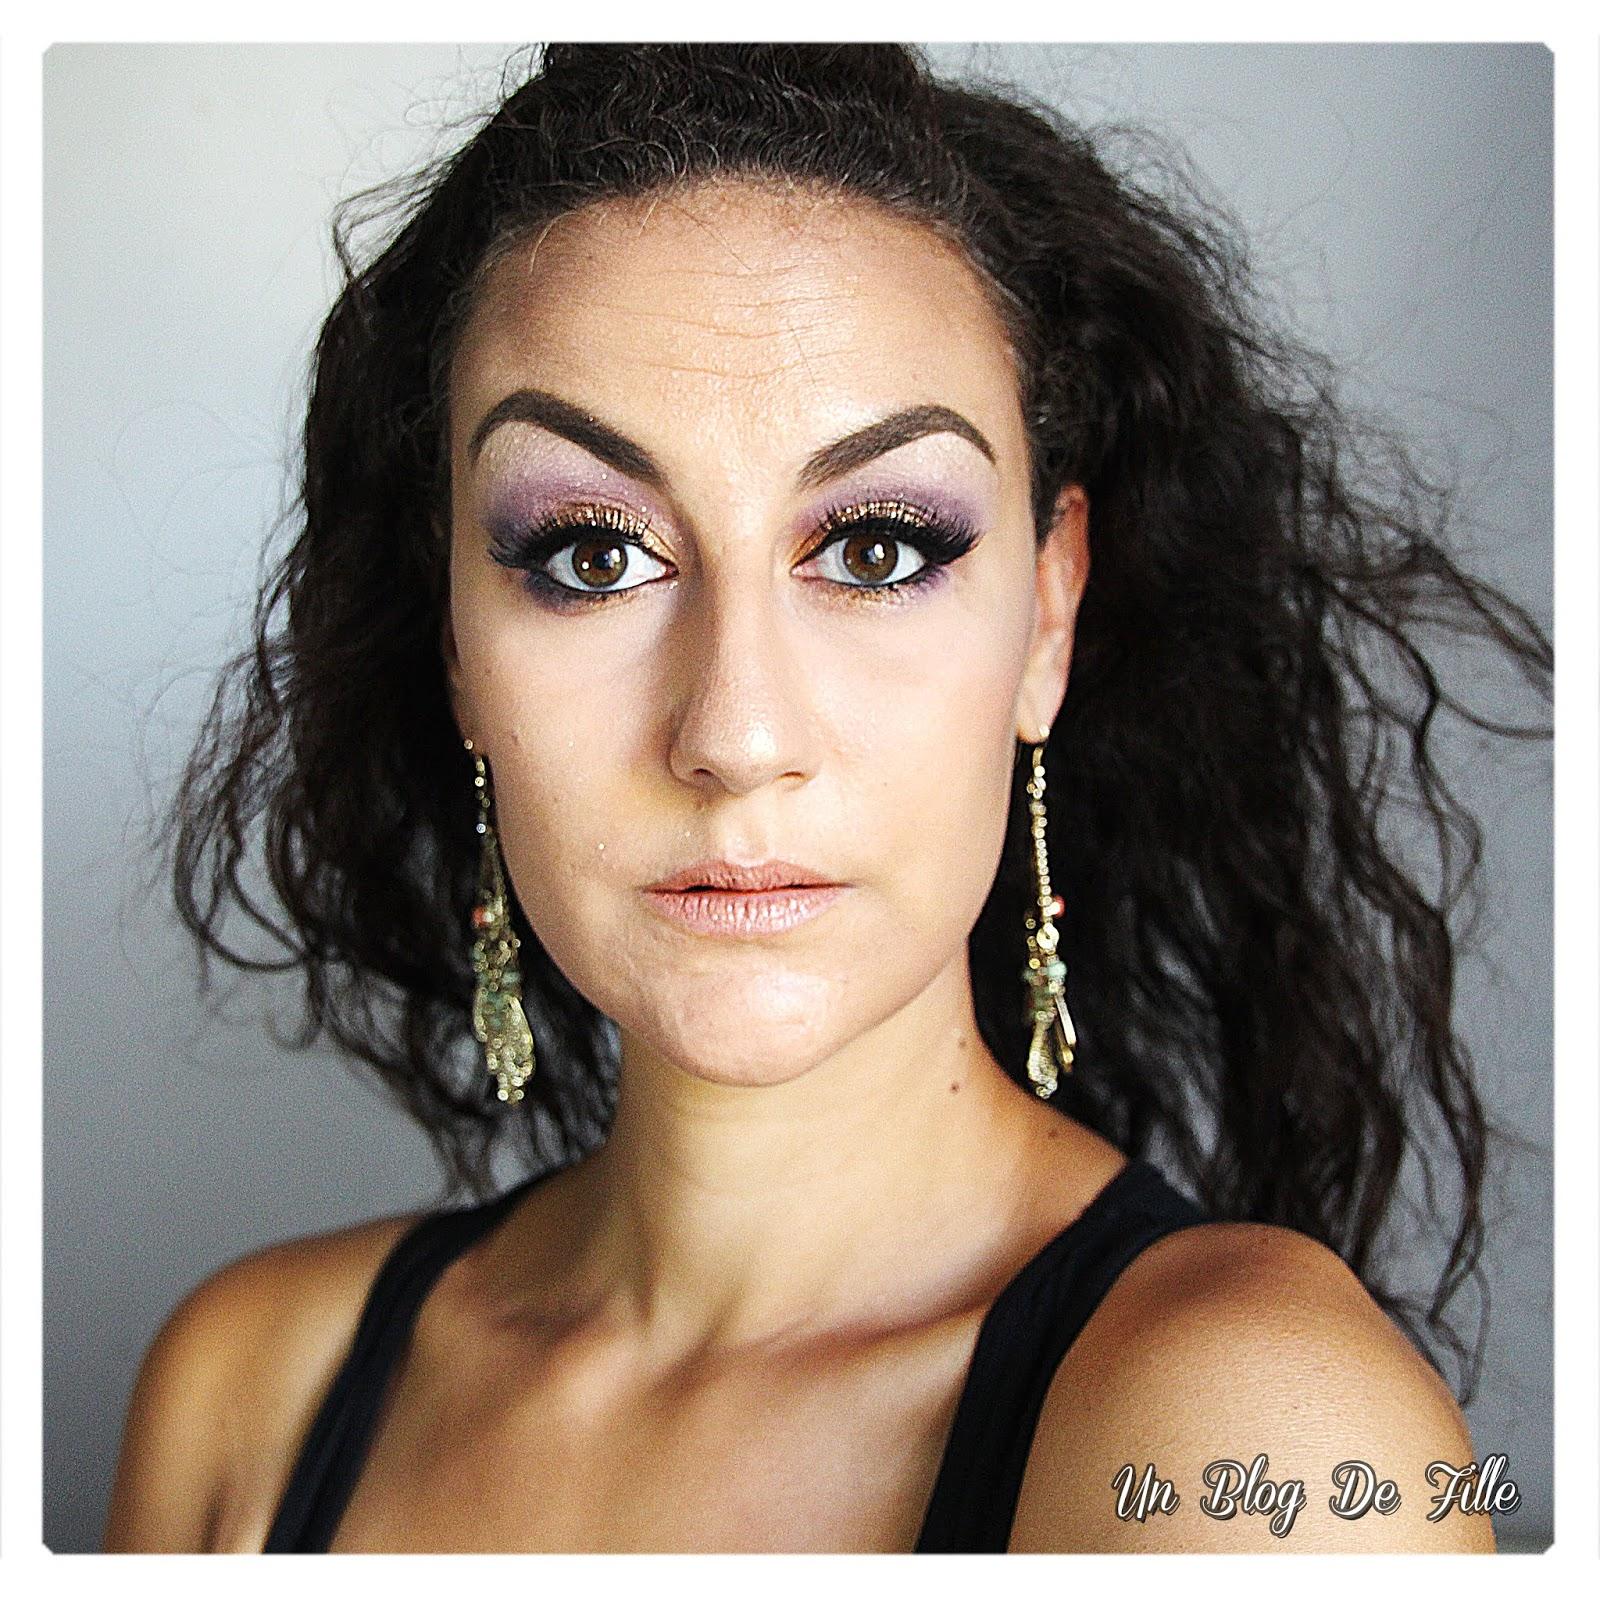 http://www.unblogdefille.fr/2018/07/maquillage-libanais-violet-et-dore-msc.html